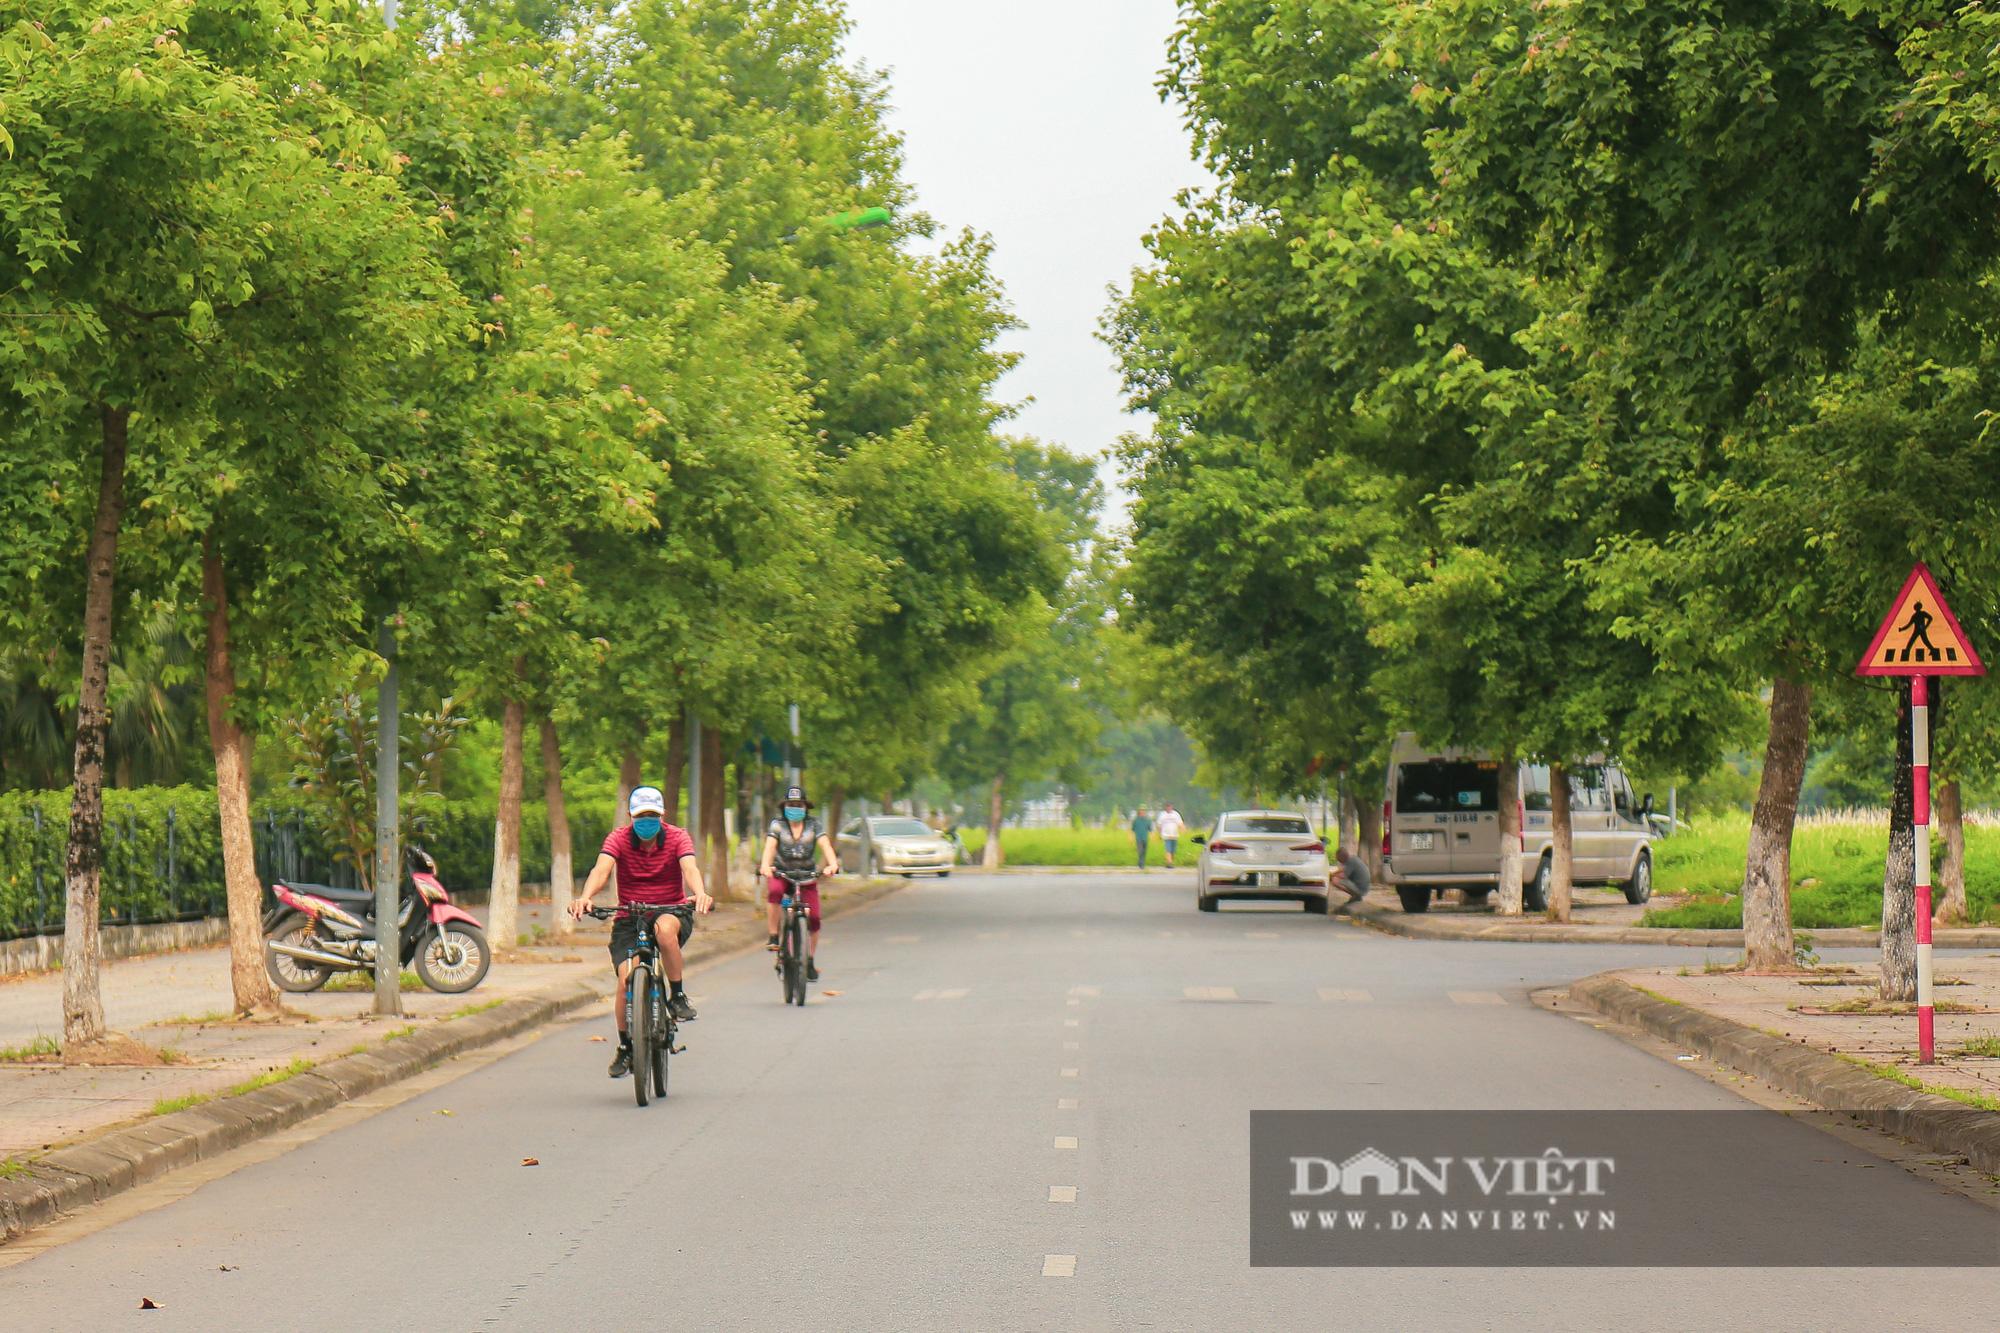 Ngỡ ngàng loài cây giống hệt phong lá đỏ xanh tốt giữa phố Hà Nội - Ảnh 2.